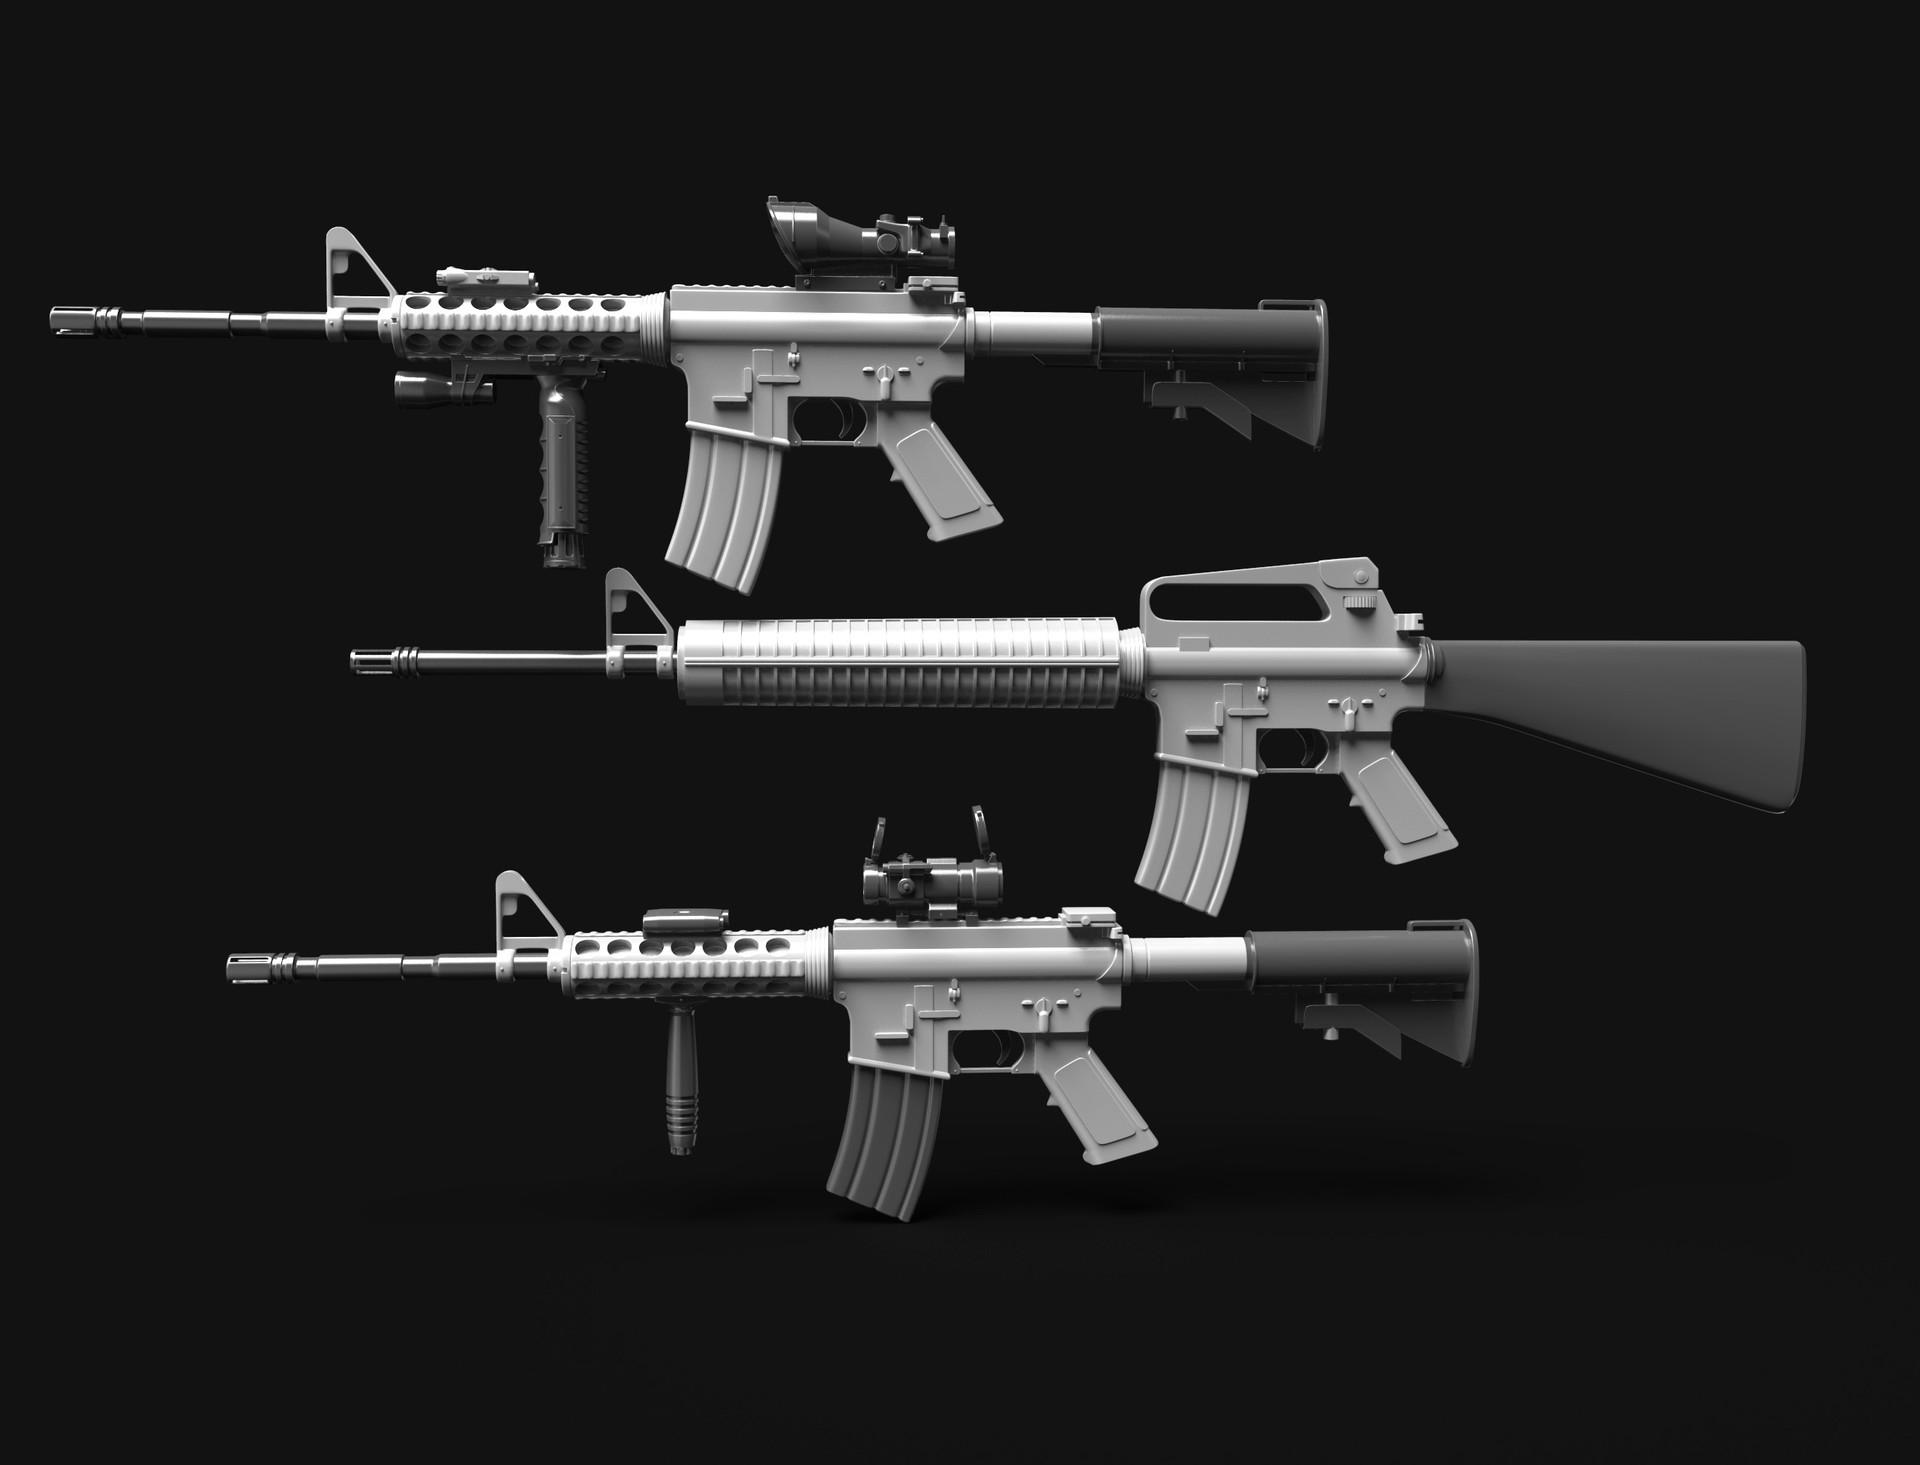 Vojtech lacina weapons1